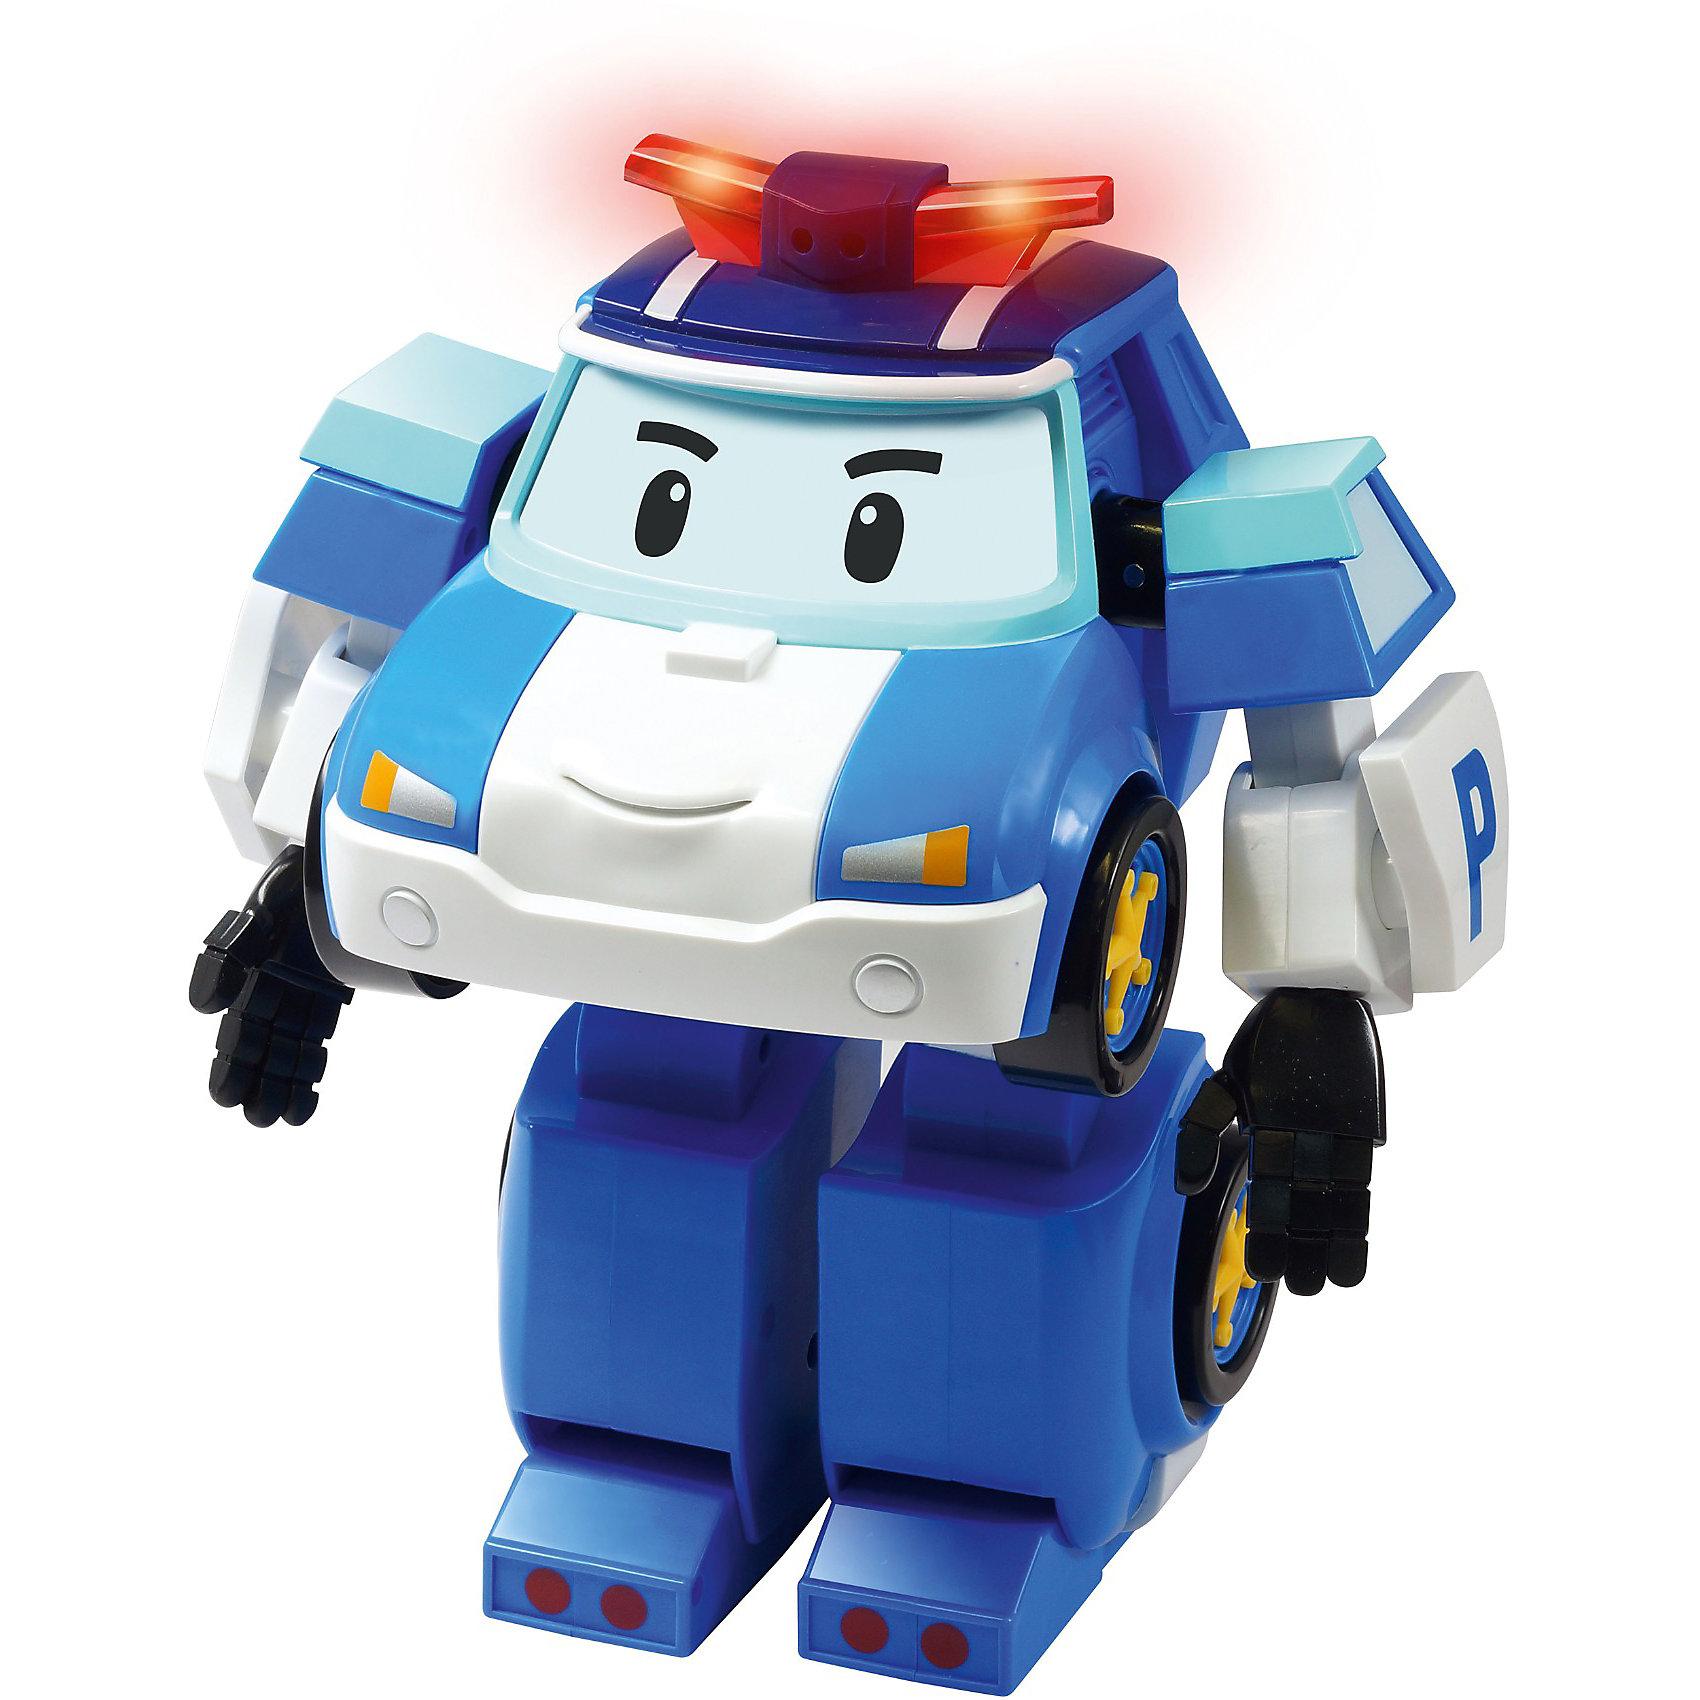 Робот-трансформер Поли, р/у, Робокар Поли, 31 смНеобыкновенный подарок для любителей чудесного мультфильма ROBOCAR POLI (Робокар Поли): теперь добрый и смелый полицейский Поли в виде настоящего робота на радиоуправлении! Дети обожают Поли, ведь он образец верности, надежности и порядка. Он охраняет спокойствие Брумстауна - города говорящих машинок, и всегда находит выход из любых трудных ситуаций. <br>Ребенок будет в восторге от робота Поли, ведь он дает массу игровых возможностей, а управлять им невероятно удобно: кнопки большого размера подойдут даже для маленьких пальчиков. Звуковые эффекты сопровождаются подсветкой фар, что создает еще большую реалистичность! Играйте, веселитесь и развивайтесь вместе с роботом Поли!<br><br>Дополнительная информация:<br>- В игровой набор входят:  шагающий робот Поли, пульт дистанционного управления;<br>- Управляется дистанционно в форме робота. Робот не трансформируется в машину.<br>- Есть функция записи голоса.<br>- Со звуковыми эффектами: сирена и 3 мелодии;<br>- Со световыми эффектами: мигалка, подсветка фар;<br>- Питание: 4 батарейки типа AAA и 1 батарейка 6LR61-9V (приобретаются отдельно);<br>- Размер робота: 31 см;<br>- Вес: 1,6 кг<br><br>Шагающего робота Поли, ROBOCAR POLI (Робокар Поли), 31 см можно купить в нашем интернет-магазине.<br><br>Ширина мм: 380<br>Глубина мм: 350<br>Высота мм: 185<br>Вес г: 1700<br>Возраст от месяцев: 36<br>Возраст до месяцев: 84<br>Пол: Унисекс<br>Возраст: Детский<br>SKU: 3733271